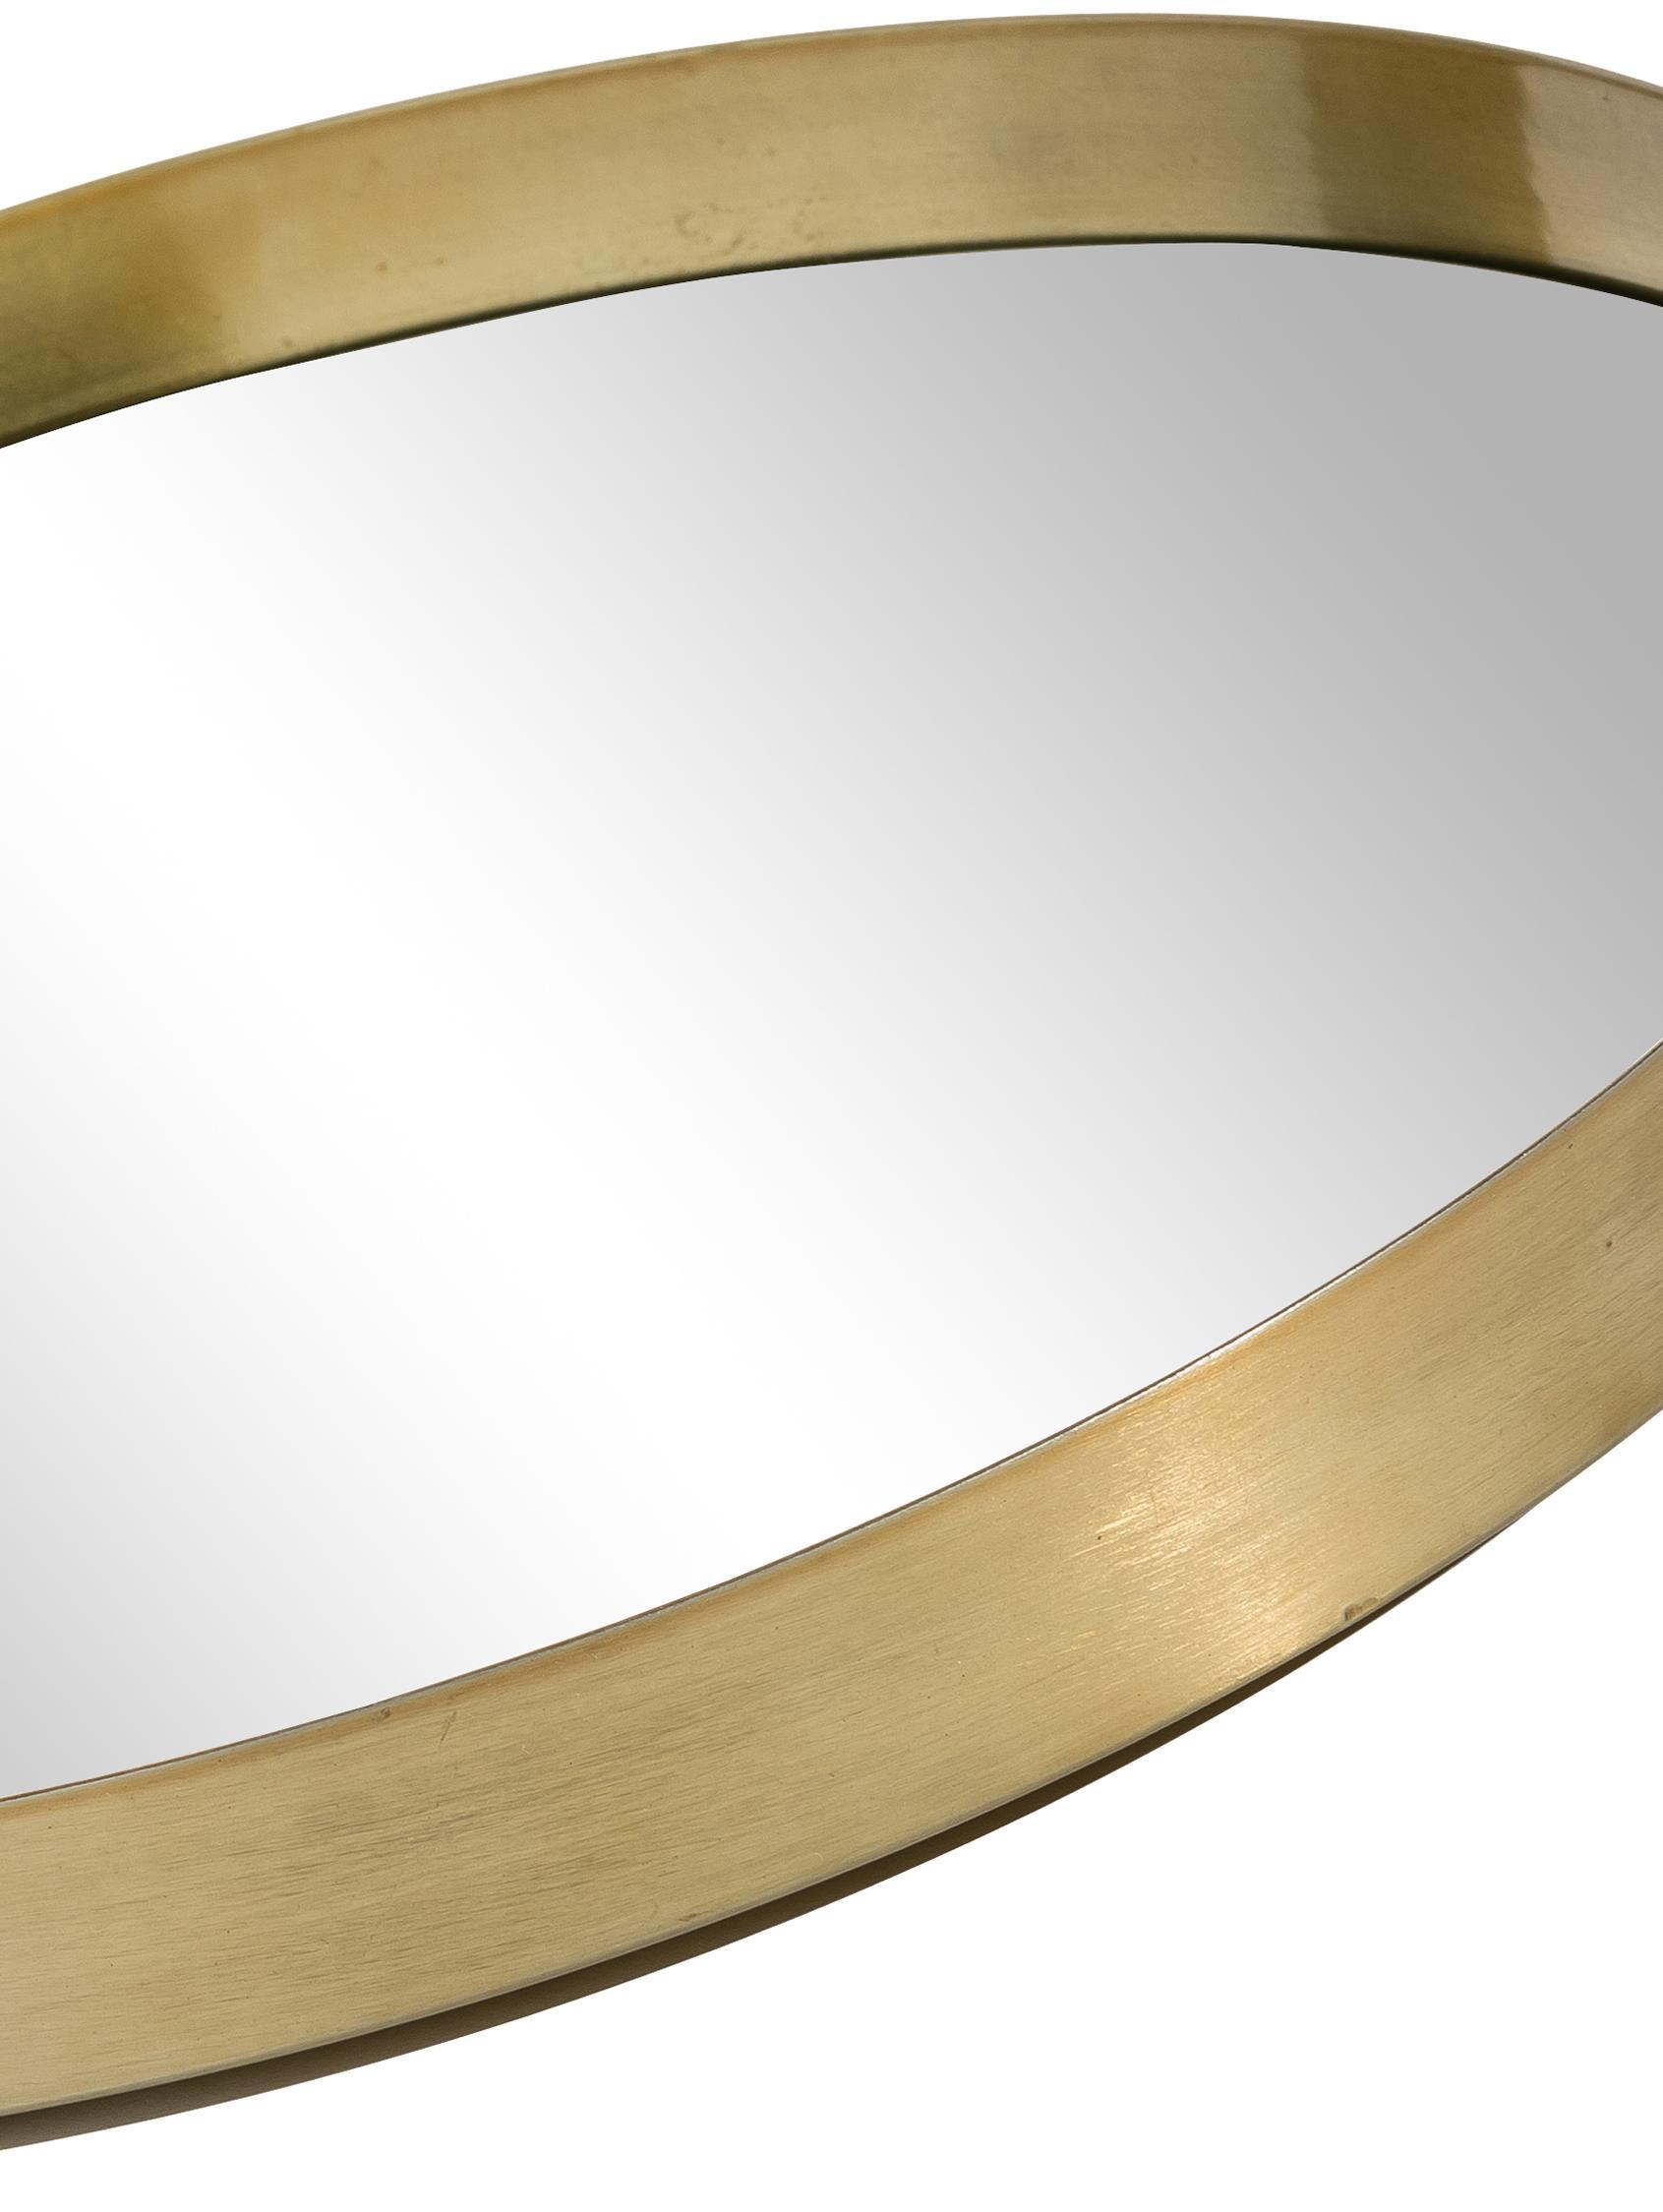 Runder Wandspiegel Metal mit Goldrahmen, Rahmen: Metall, lackiert mit gewo, Rahmen: Goldfarben<br>Spiegelglas, Ø 30 cm